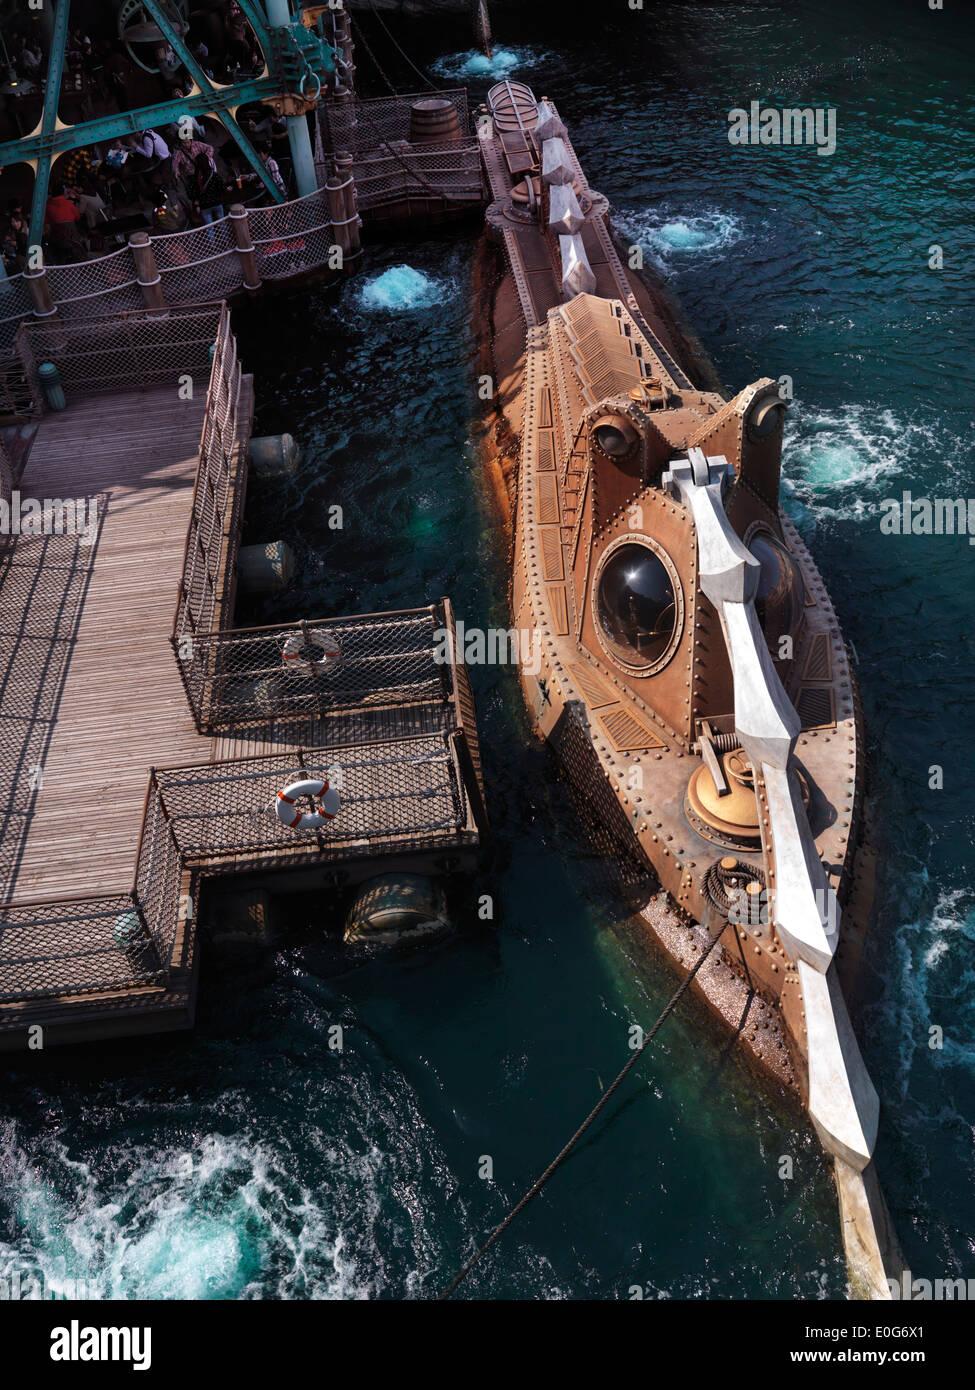 Steampunk submarino de fantasía en Tokio Disneysea theme park, La Isla Misteriosa. El Japón. Imagen De Stock